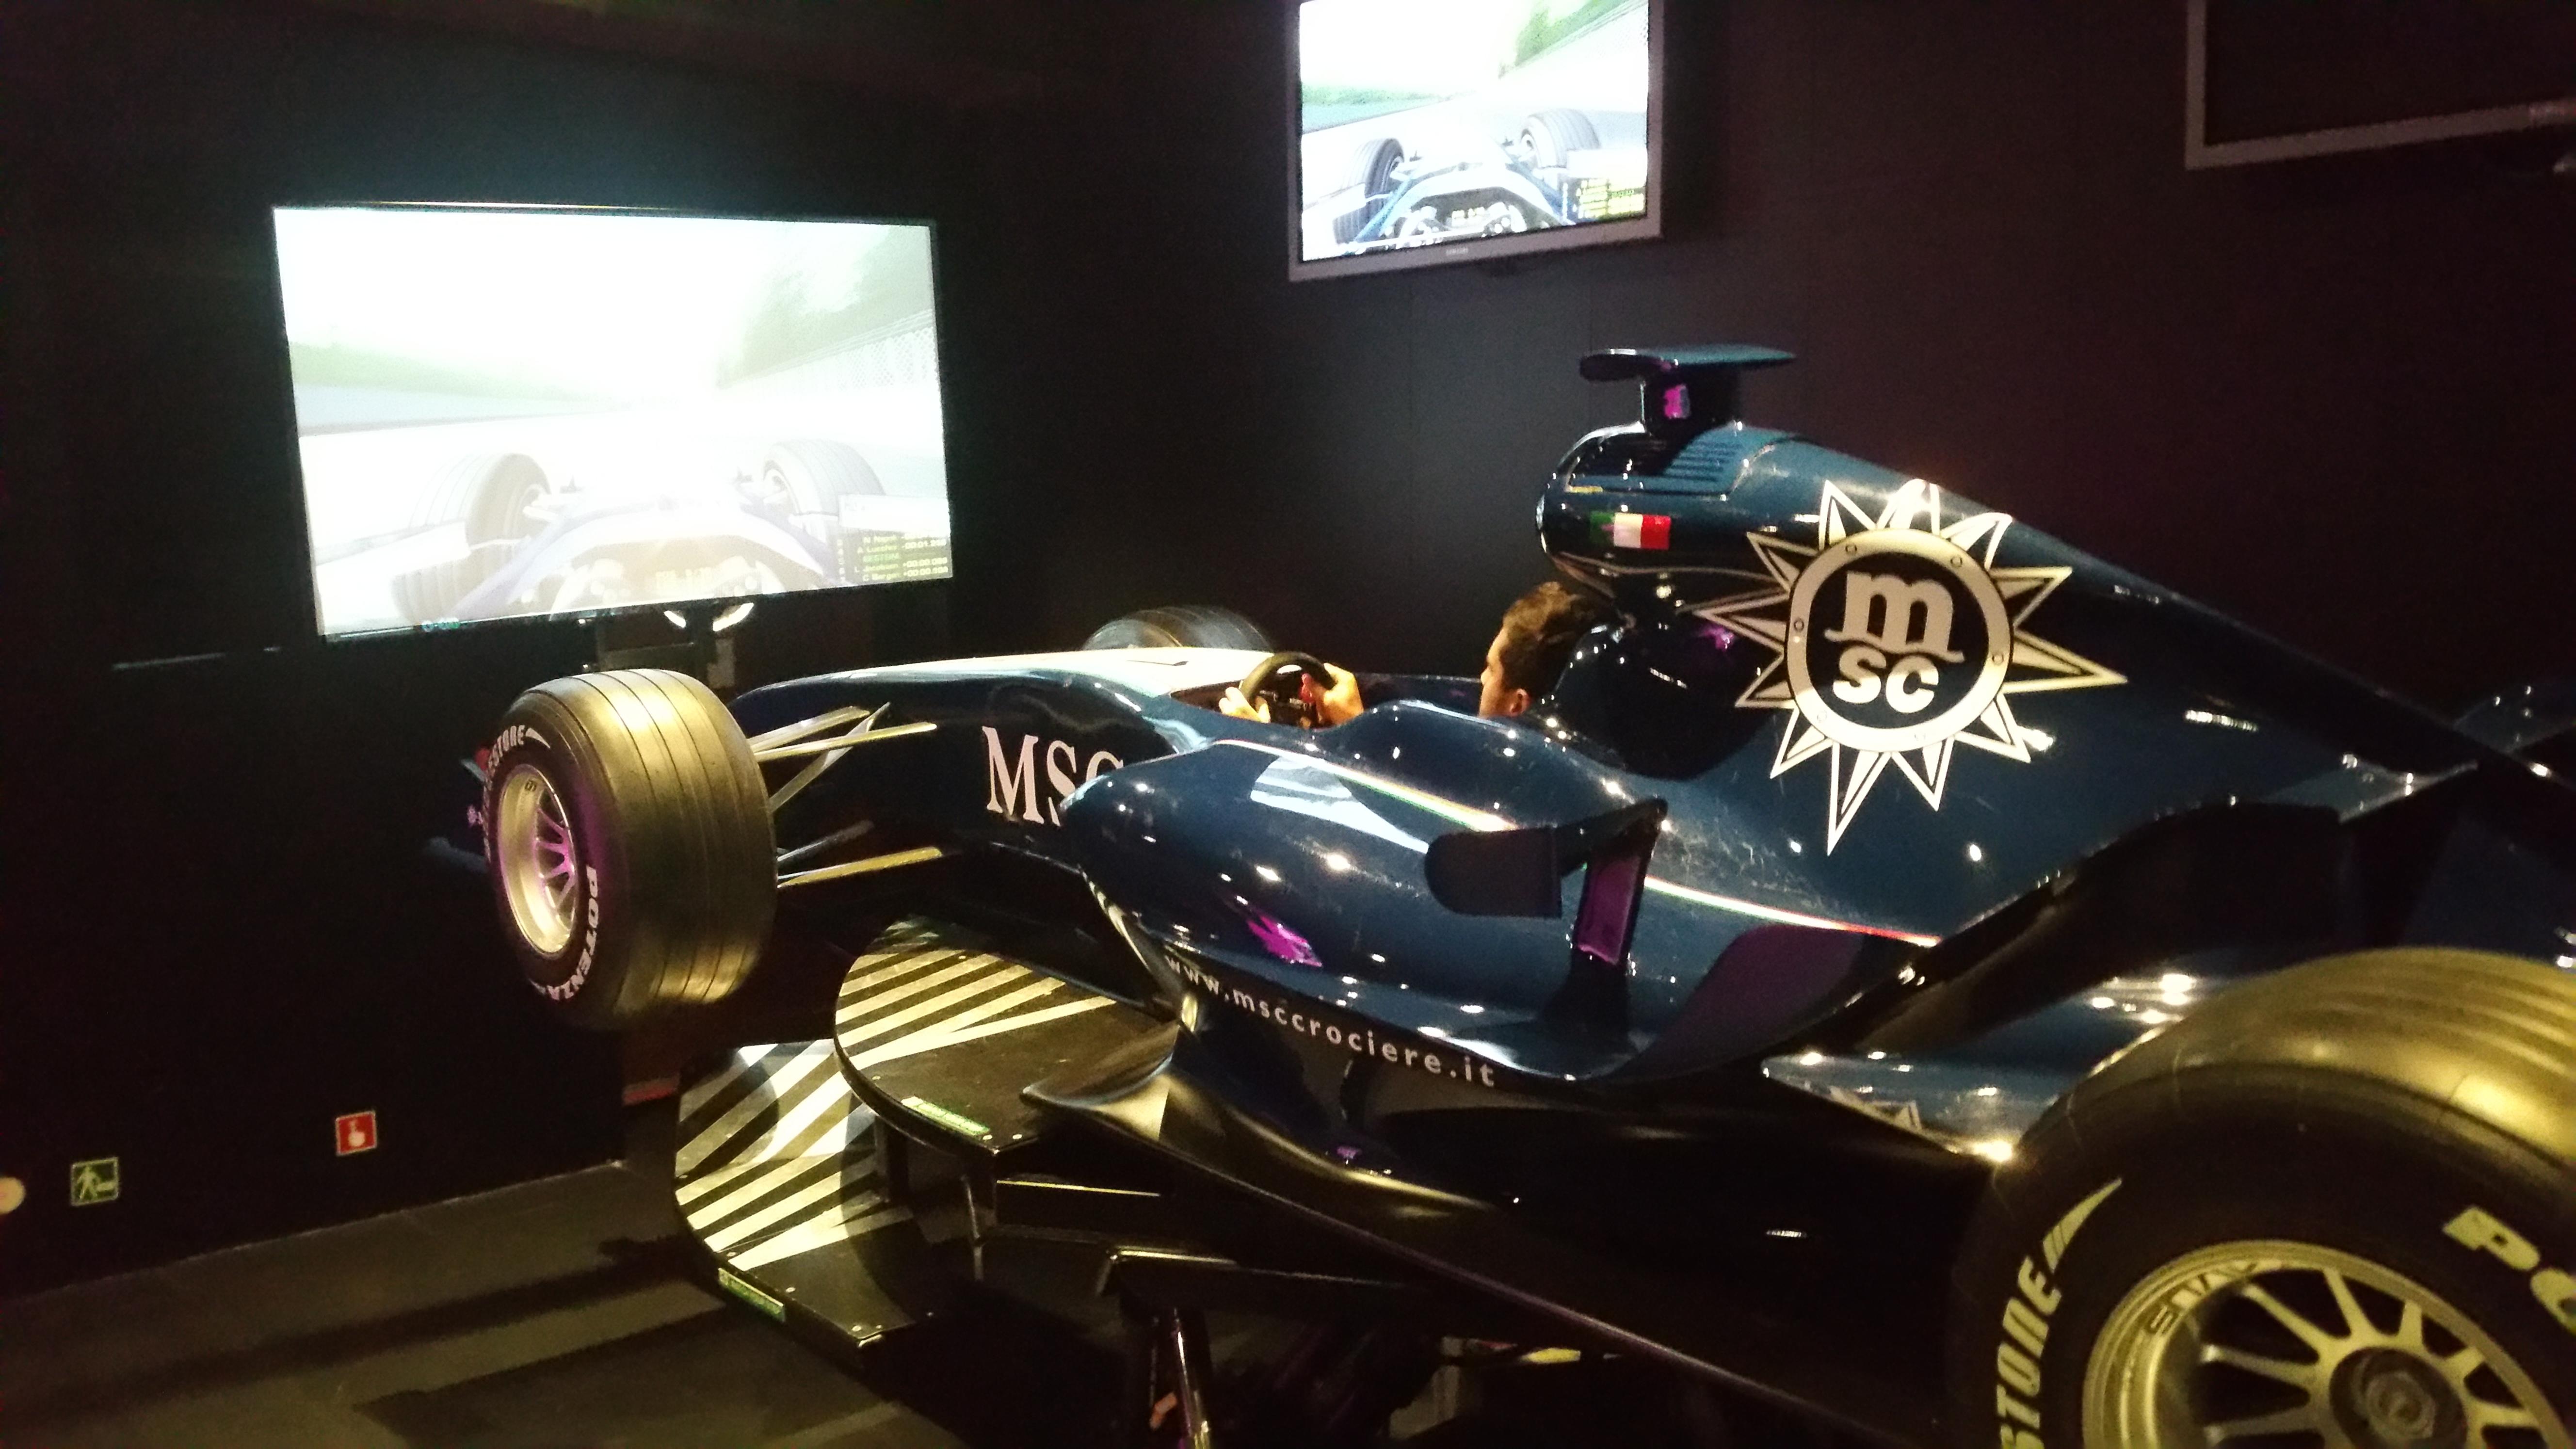 Simulateur Formule1 à bord du MSC FANTASIA